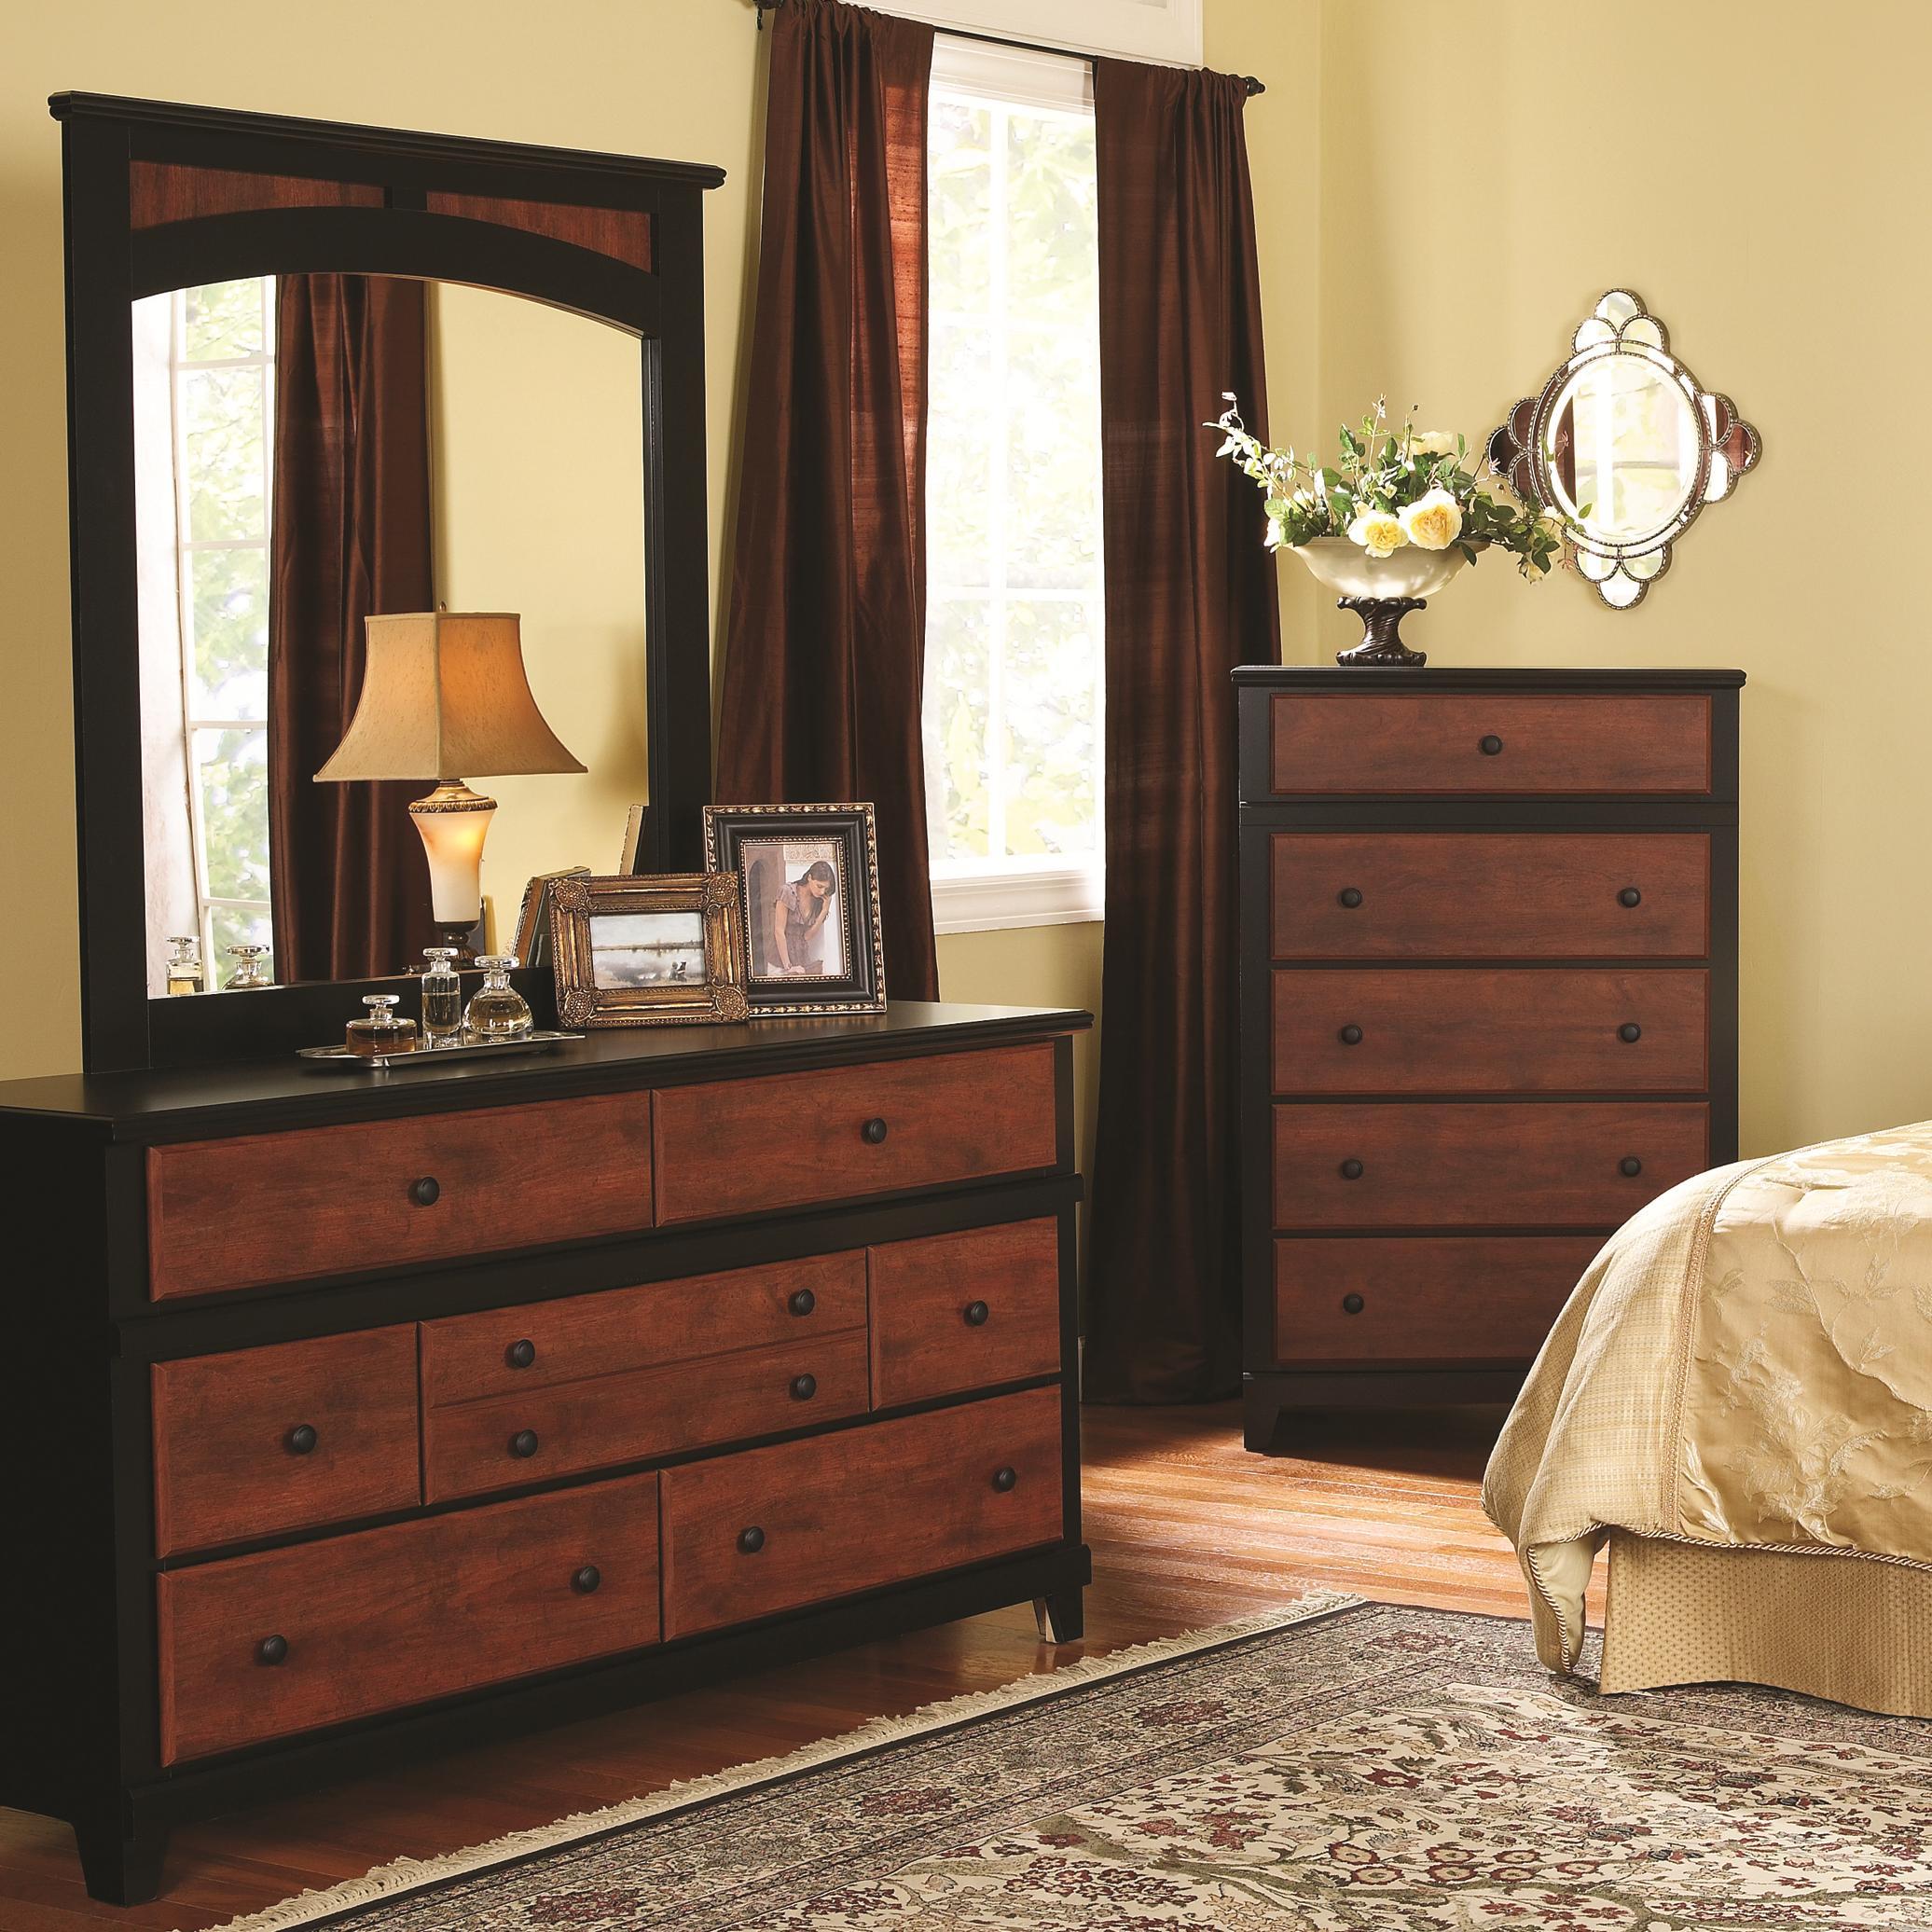 7-Drawer Dresser & Landscape Mirror